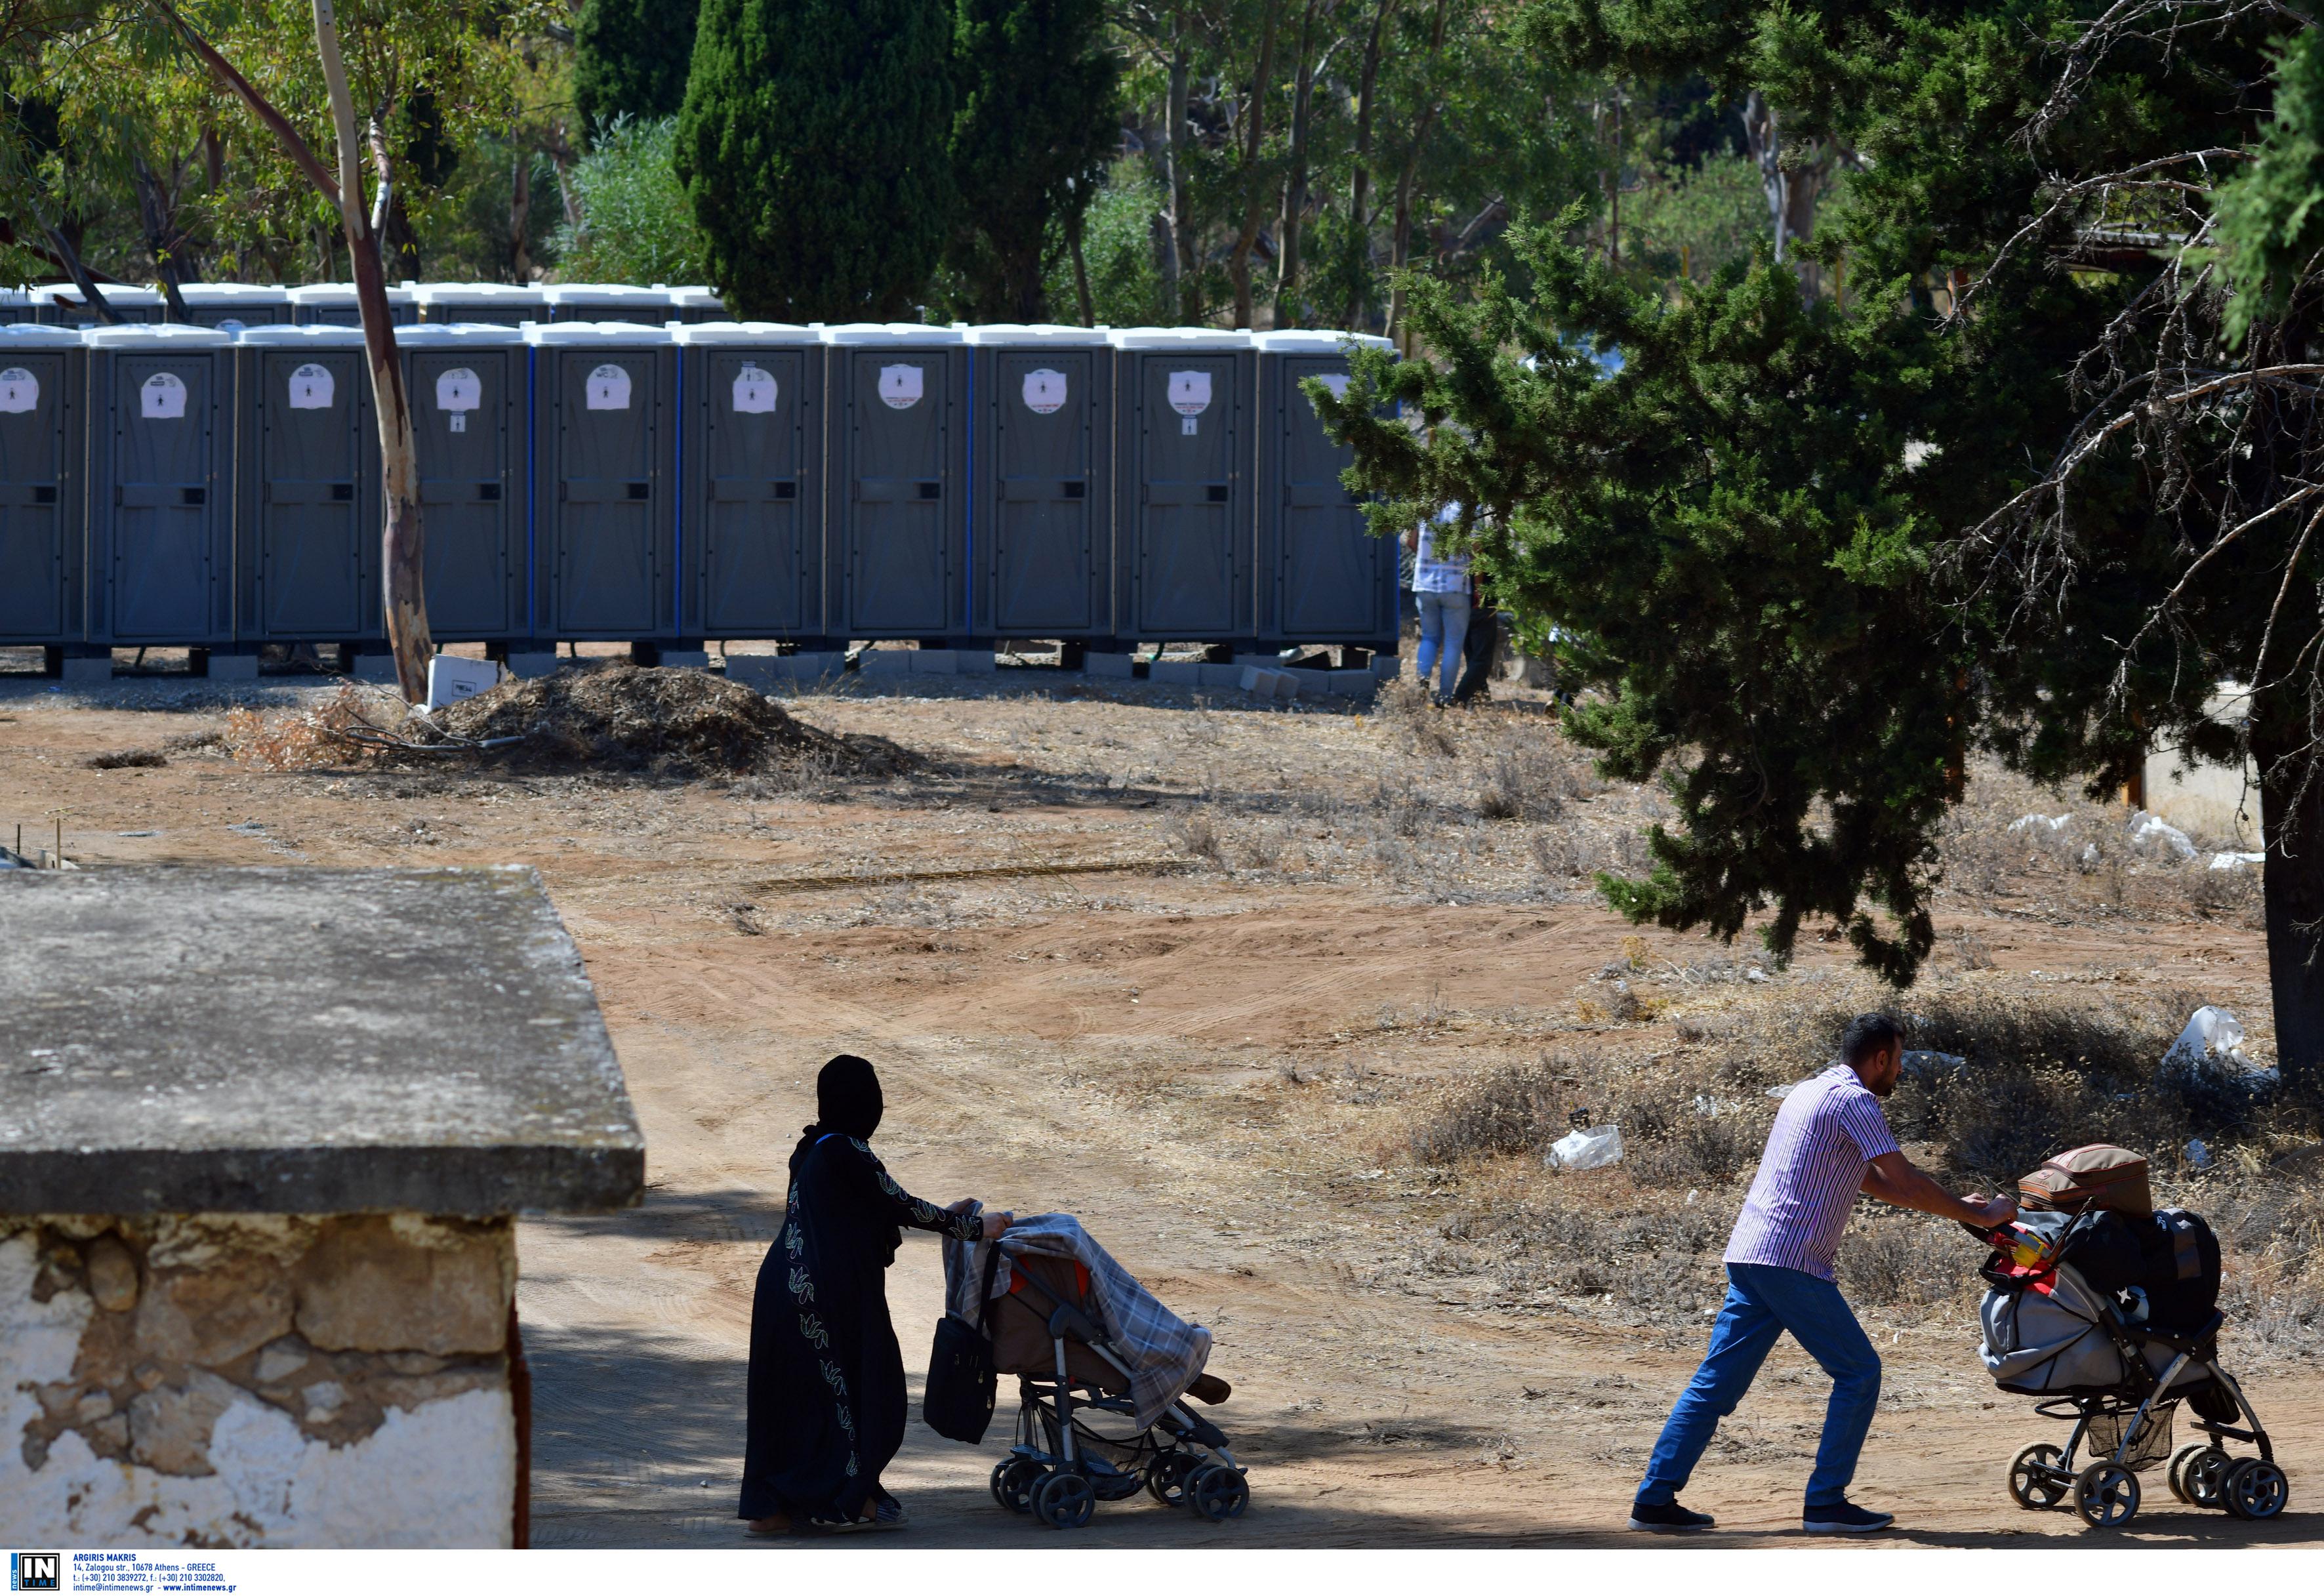 Διαβατά: Συμπλοκή στη δομή προσφύγων – Τέσσερις τραυματίες